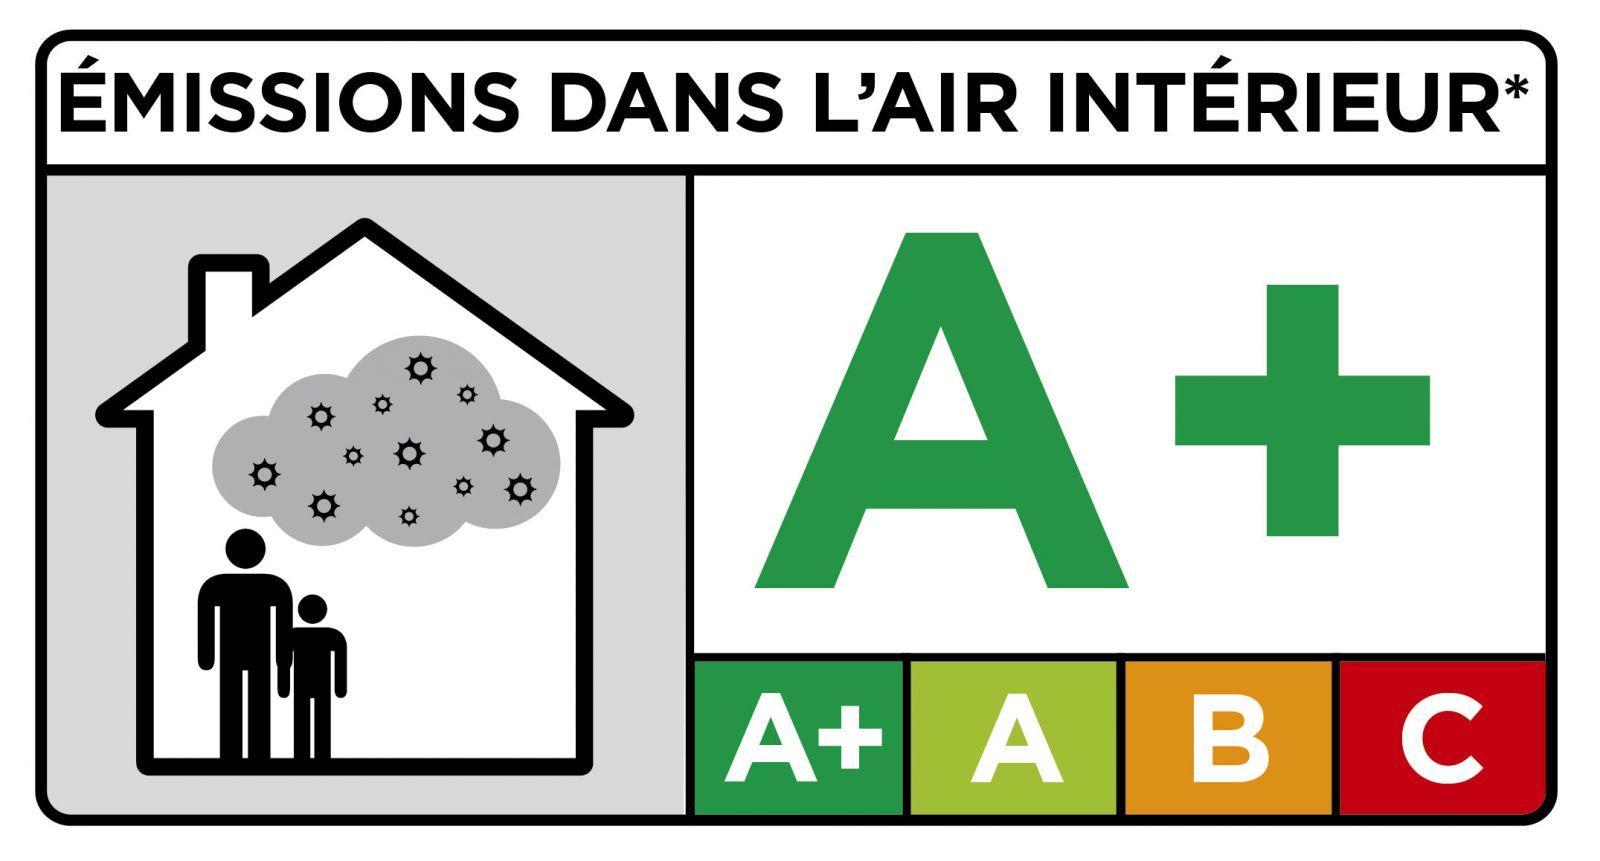 Étiquette Qualité de l'Air Intérieur